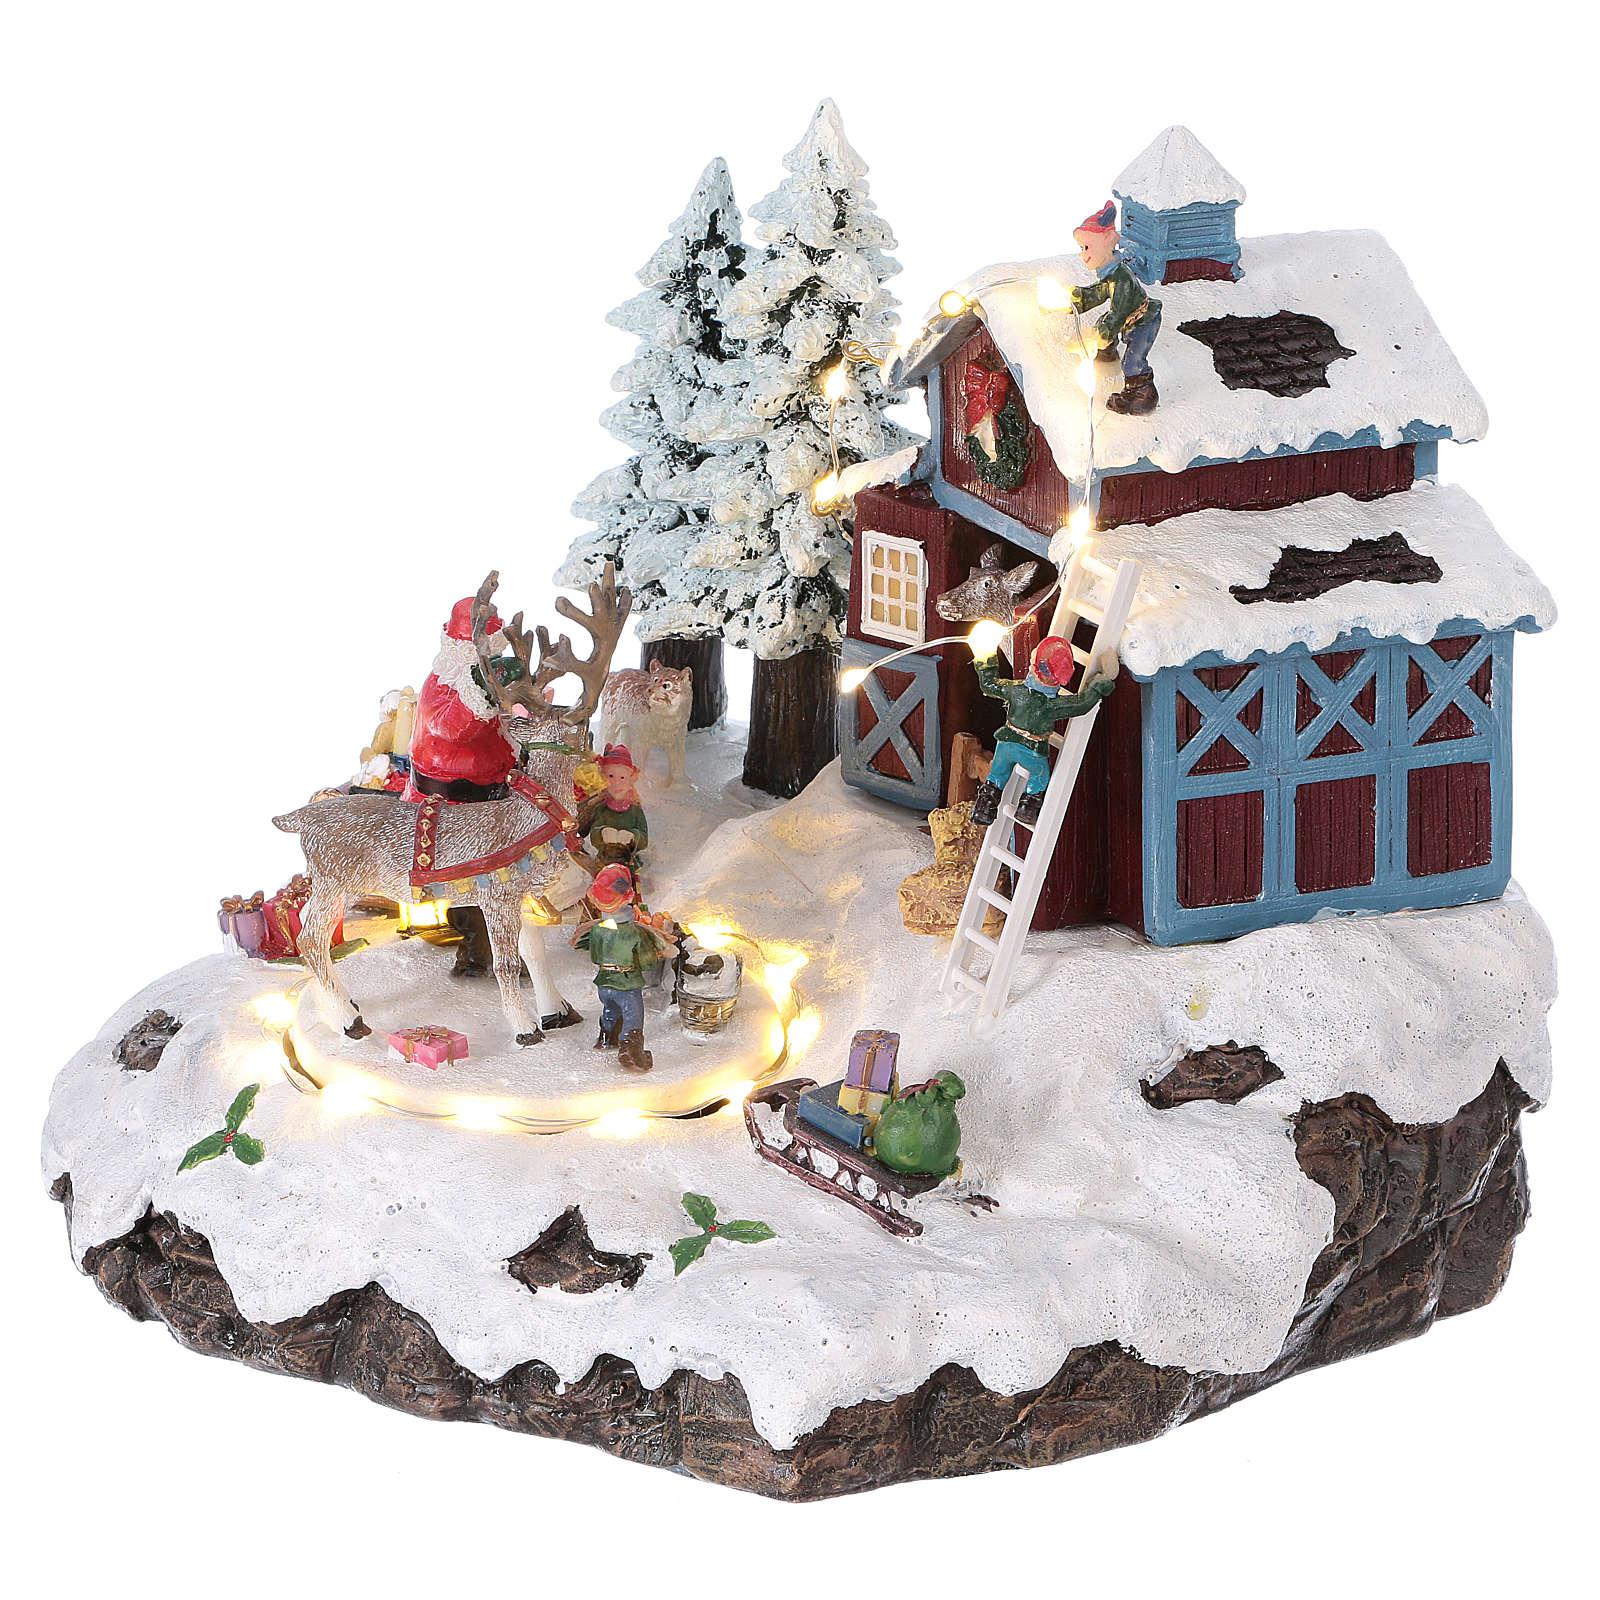 Village de Noël Père Noël cadeaux 20x25x20 cm lumières mouvement musique courant 3